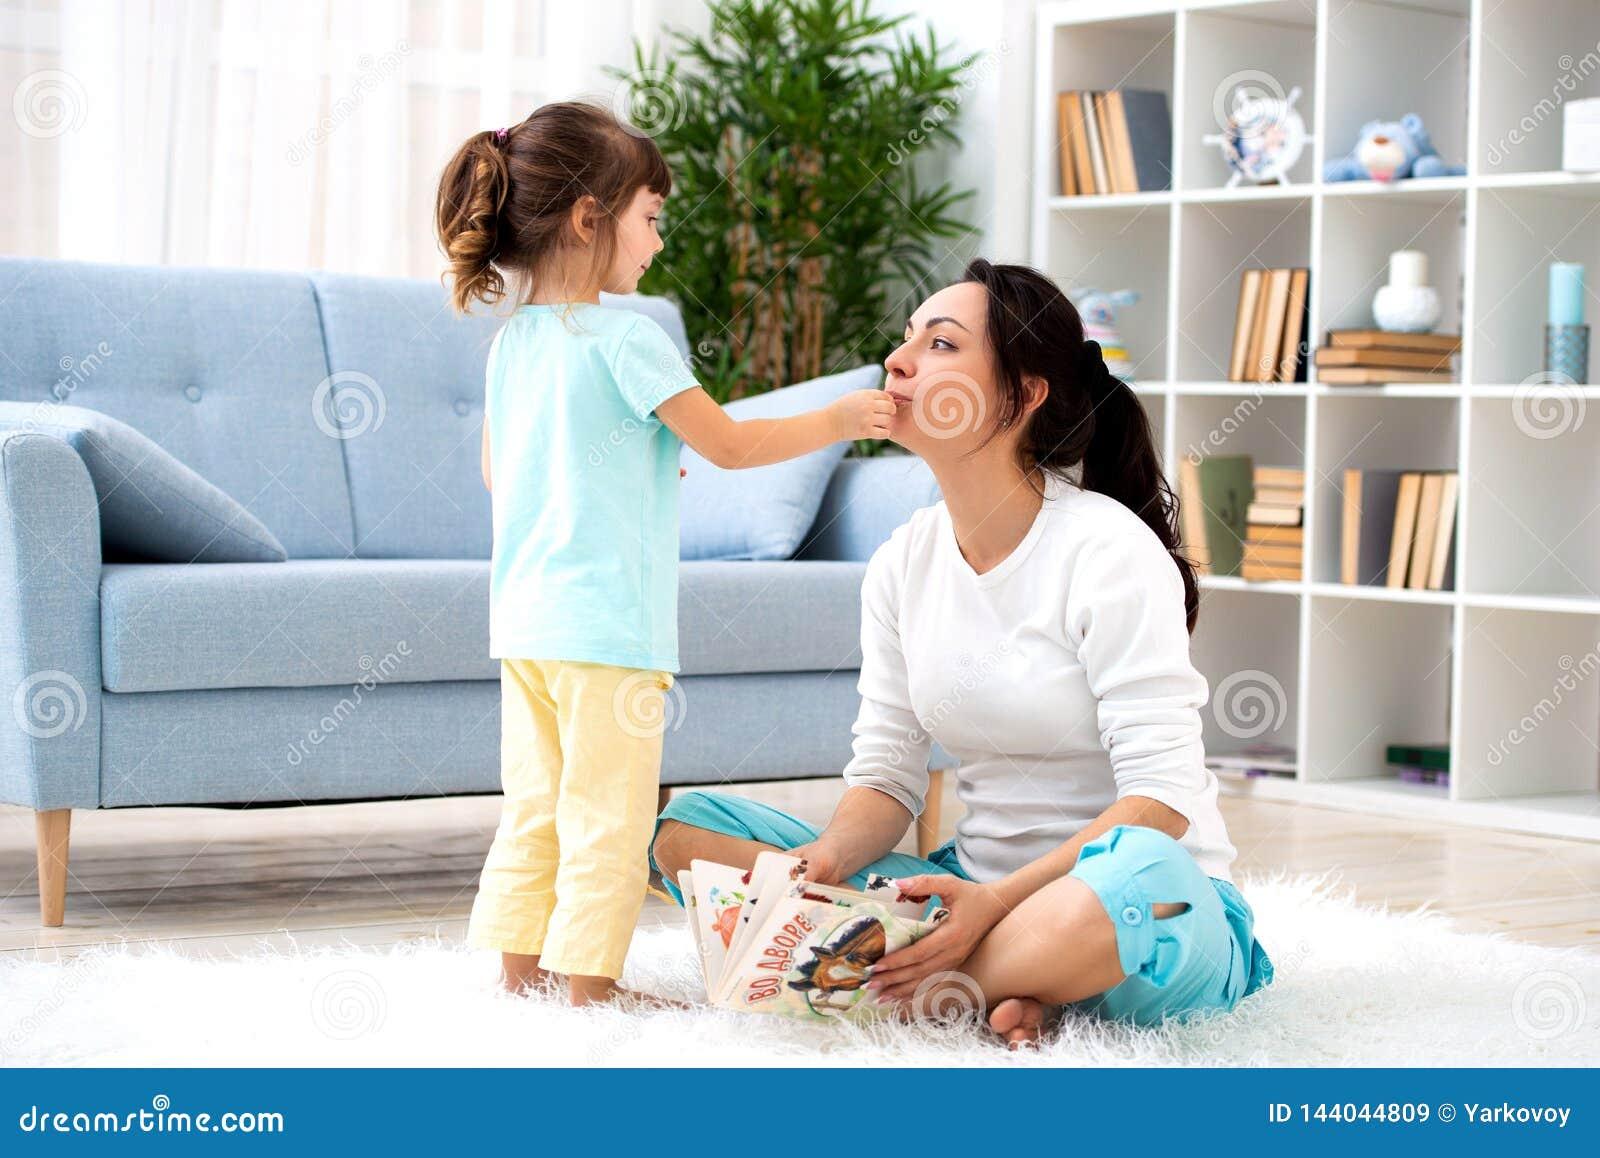 любить семьи счастливый Красивая мать и меньшая дочь имеют потеху, игру в комнате на поле, объятие, улыбку и околпачивают вокруг